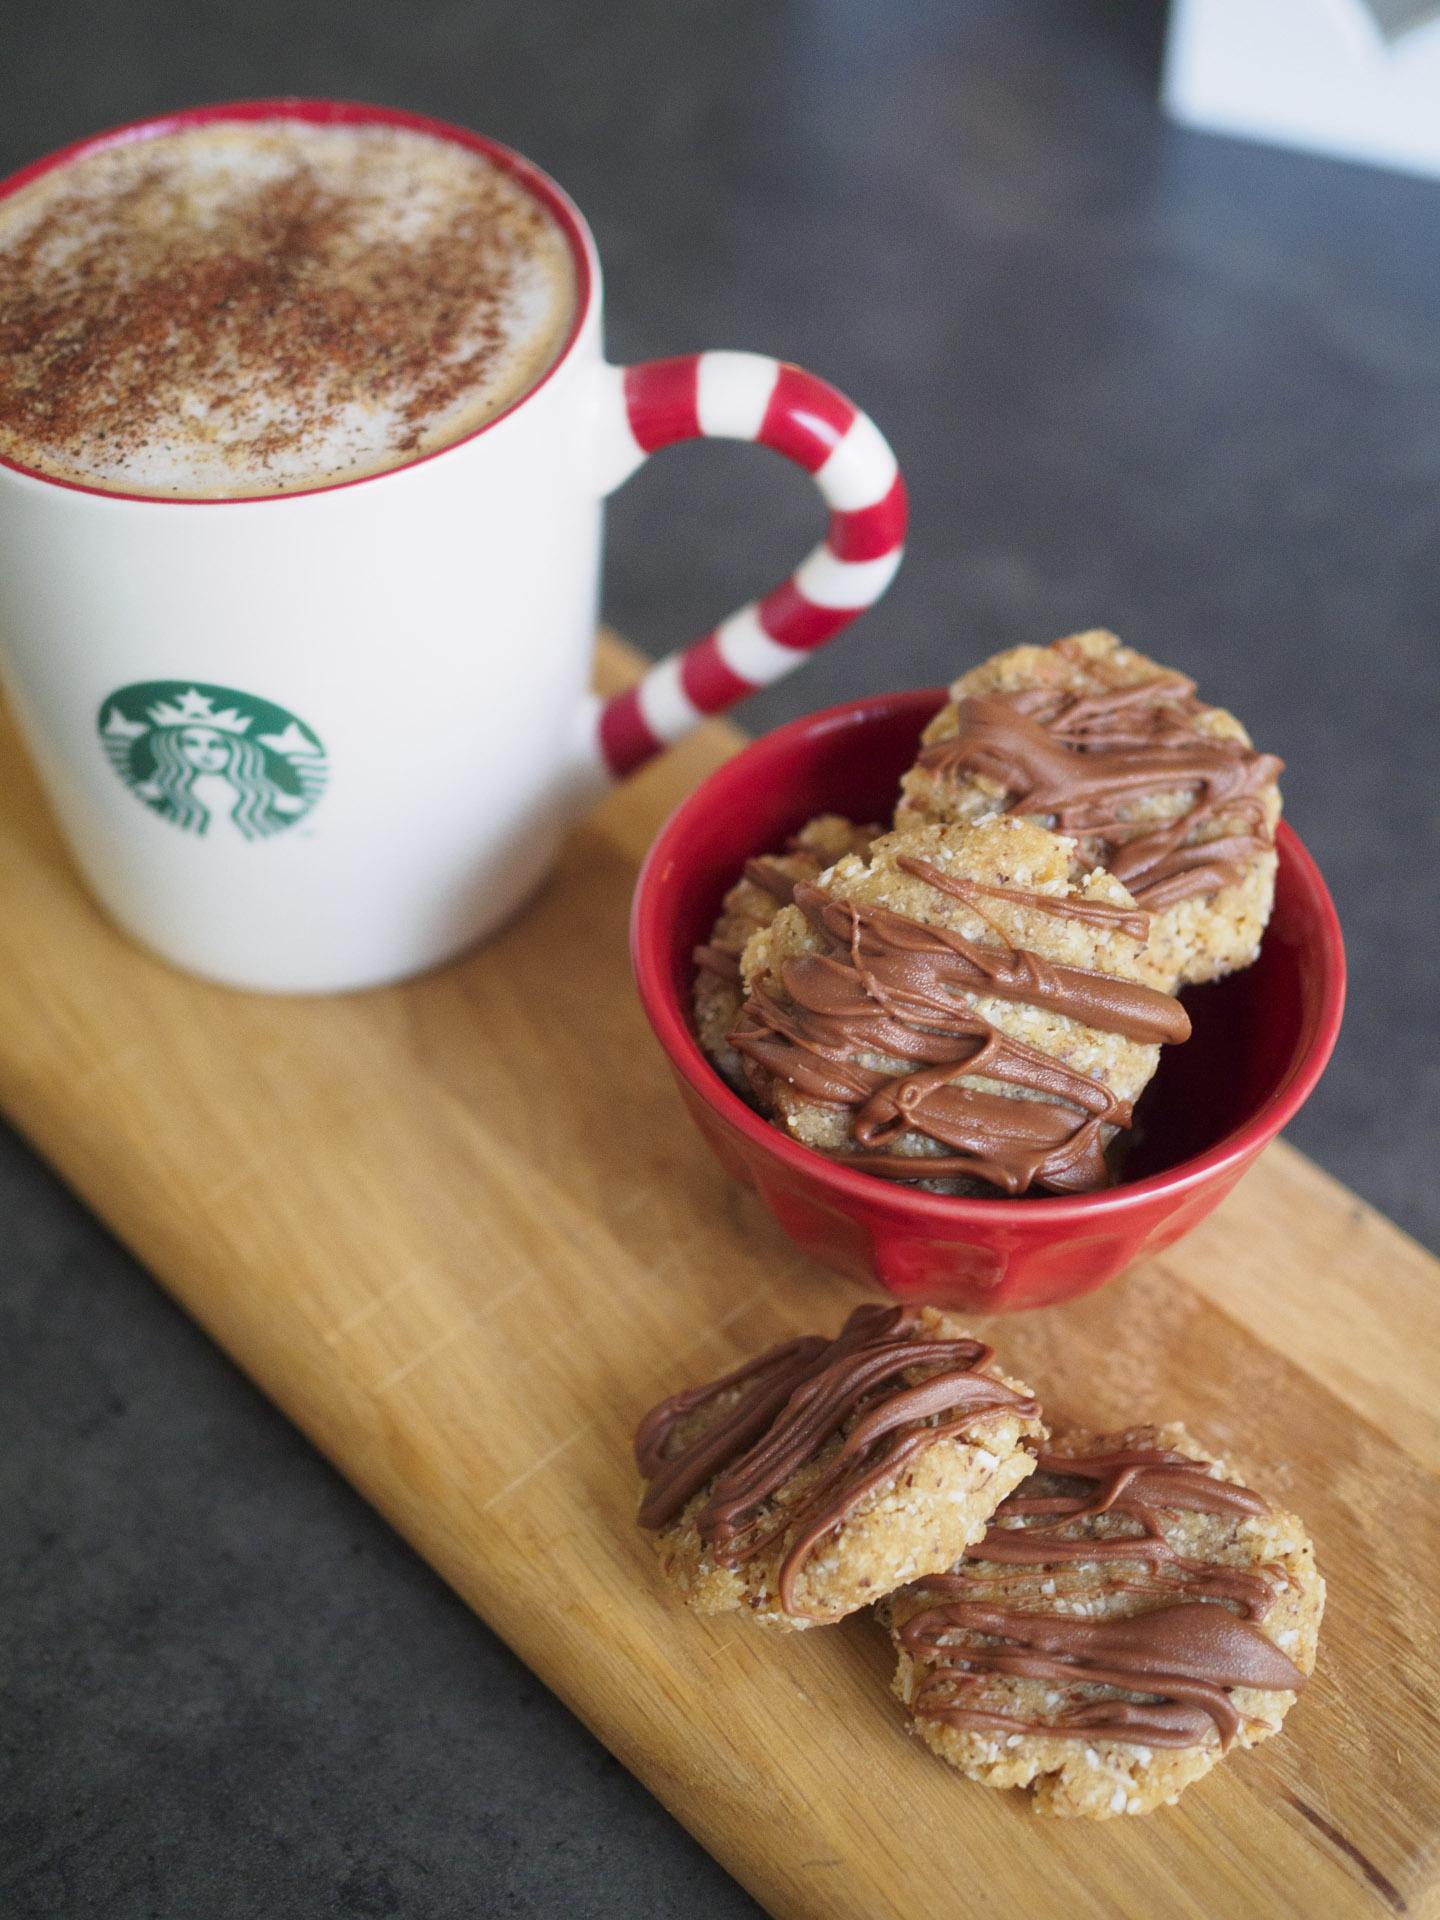 Jordnötskakor med choklad